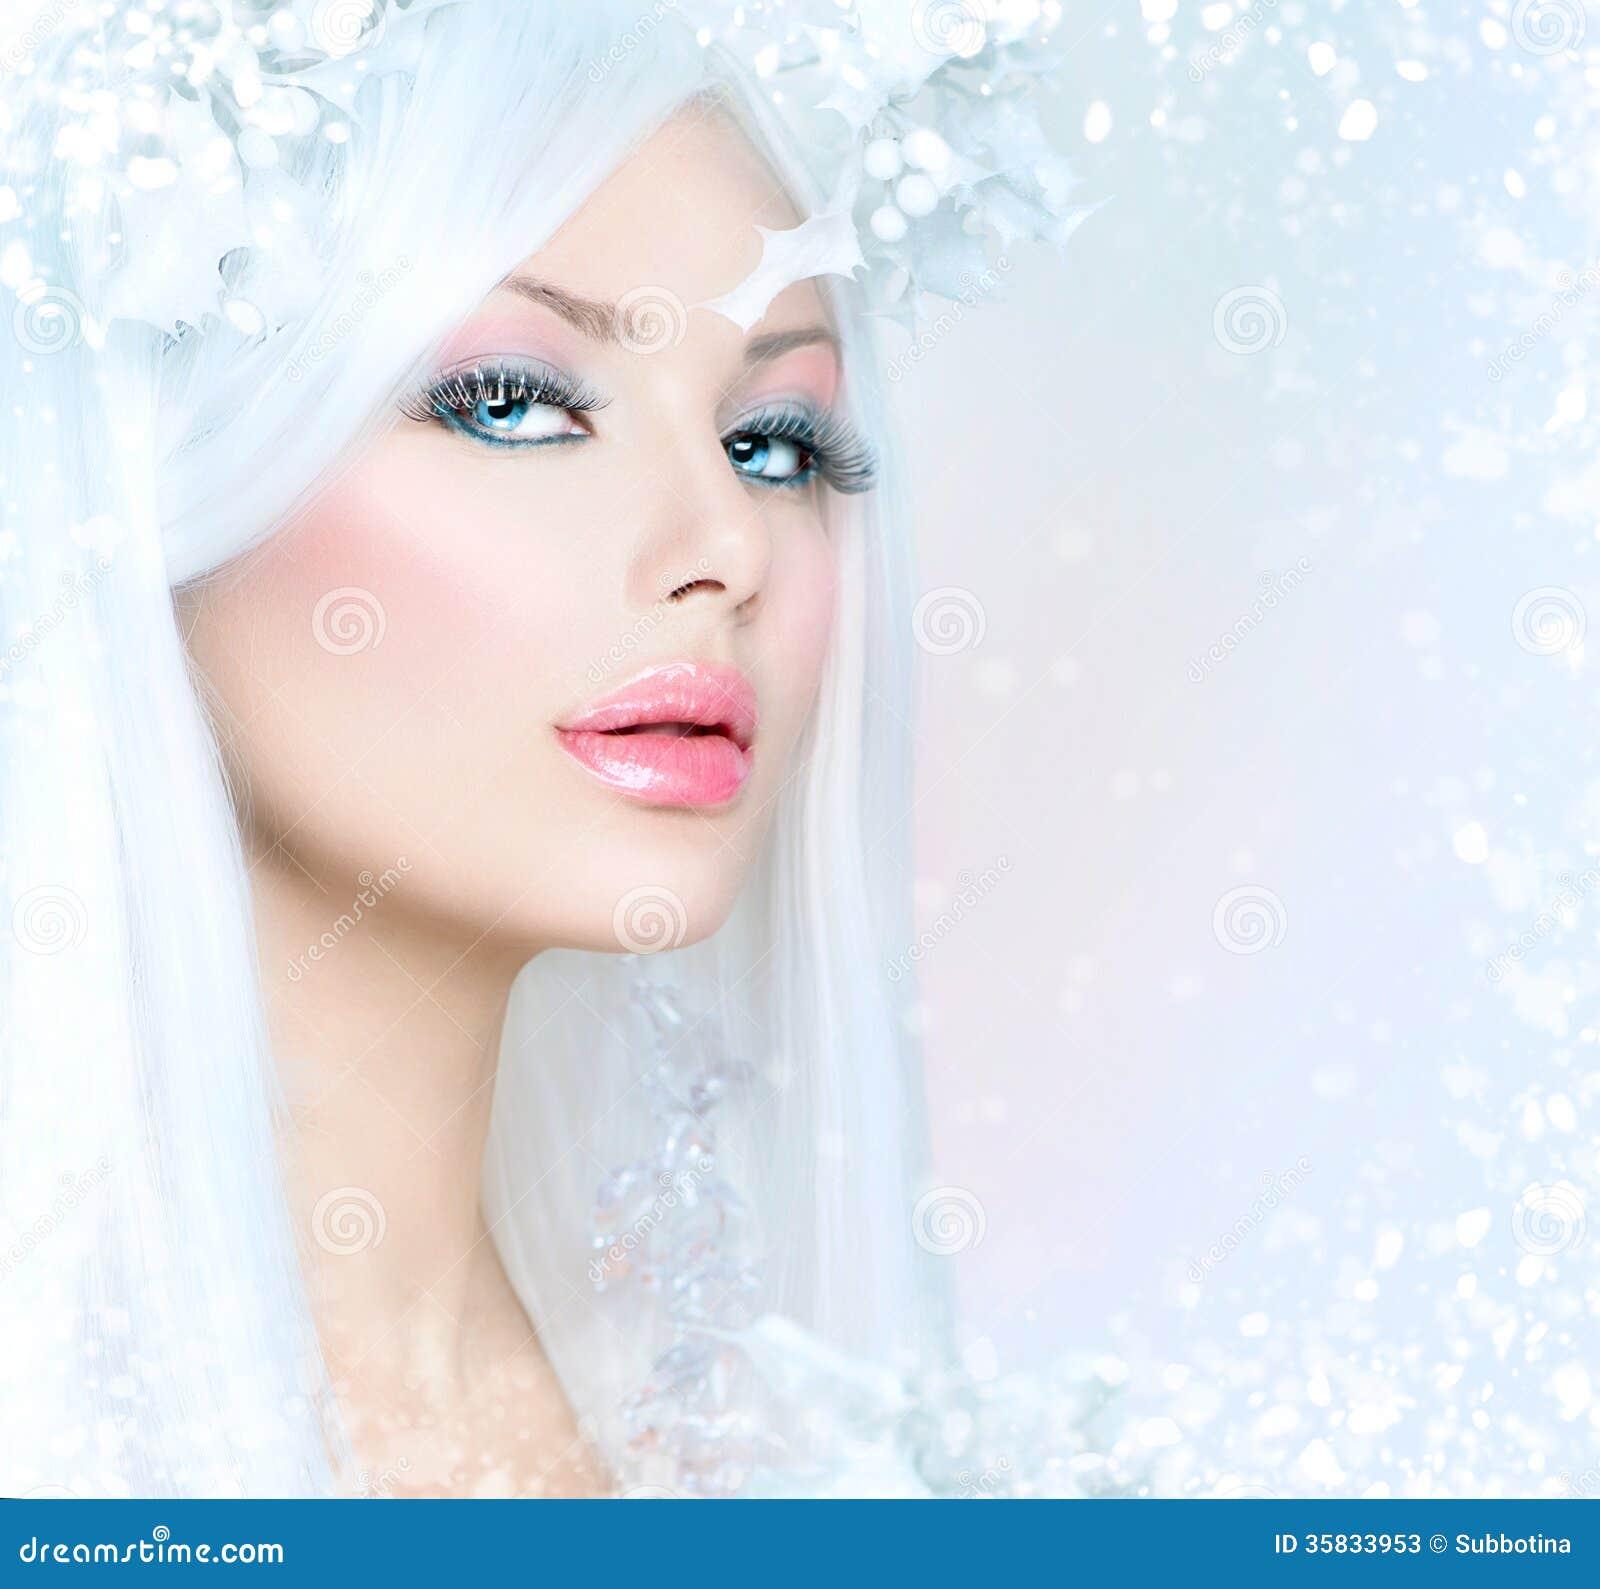 Woman Winter Fashion Beautiful 8